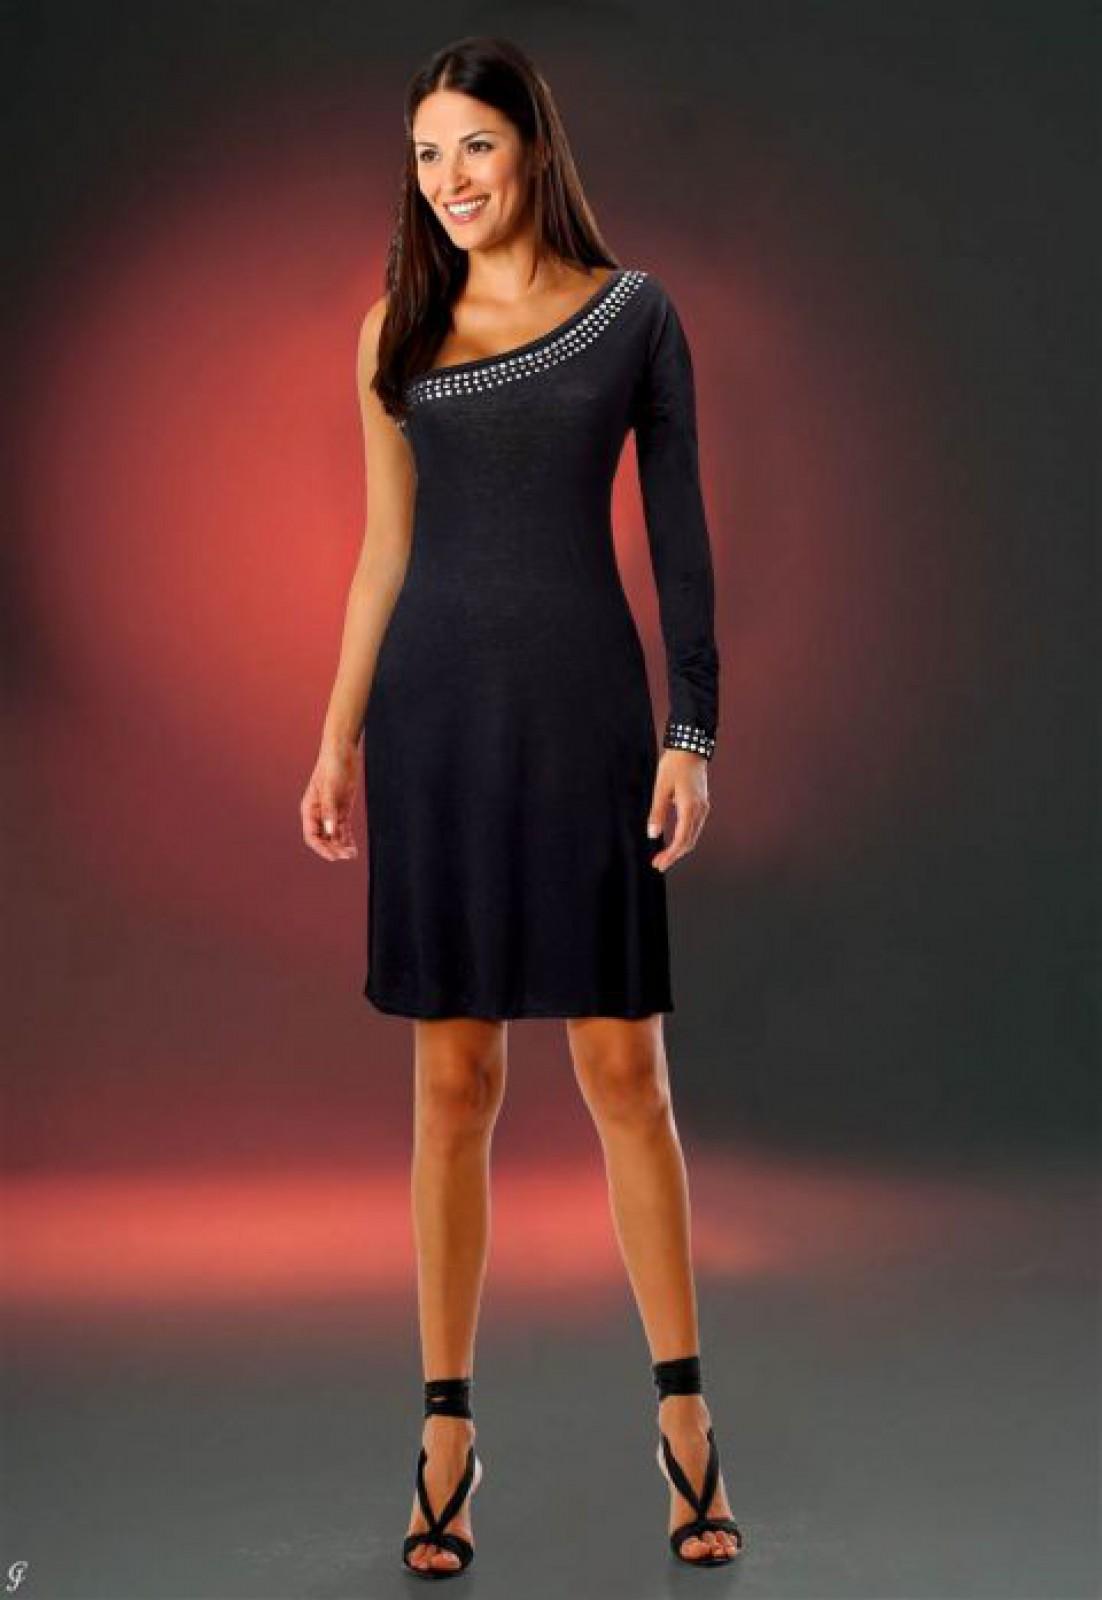 Schwarzes Kleid mit asymmetrischem Dekolleté und nur einem Ärmel ...